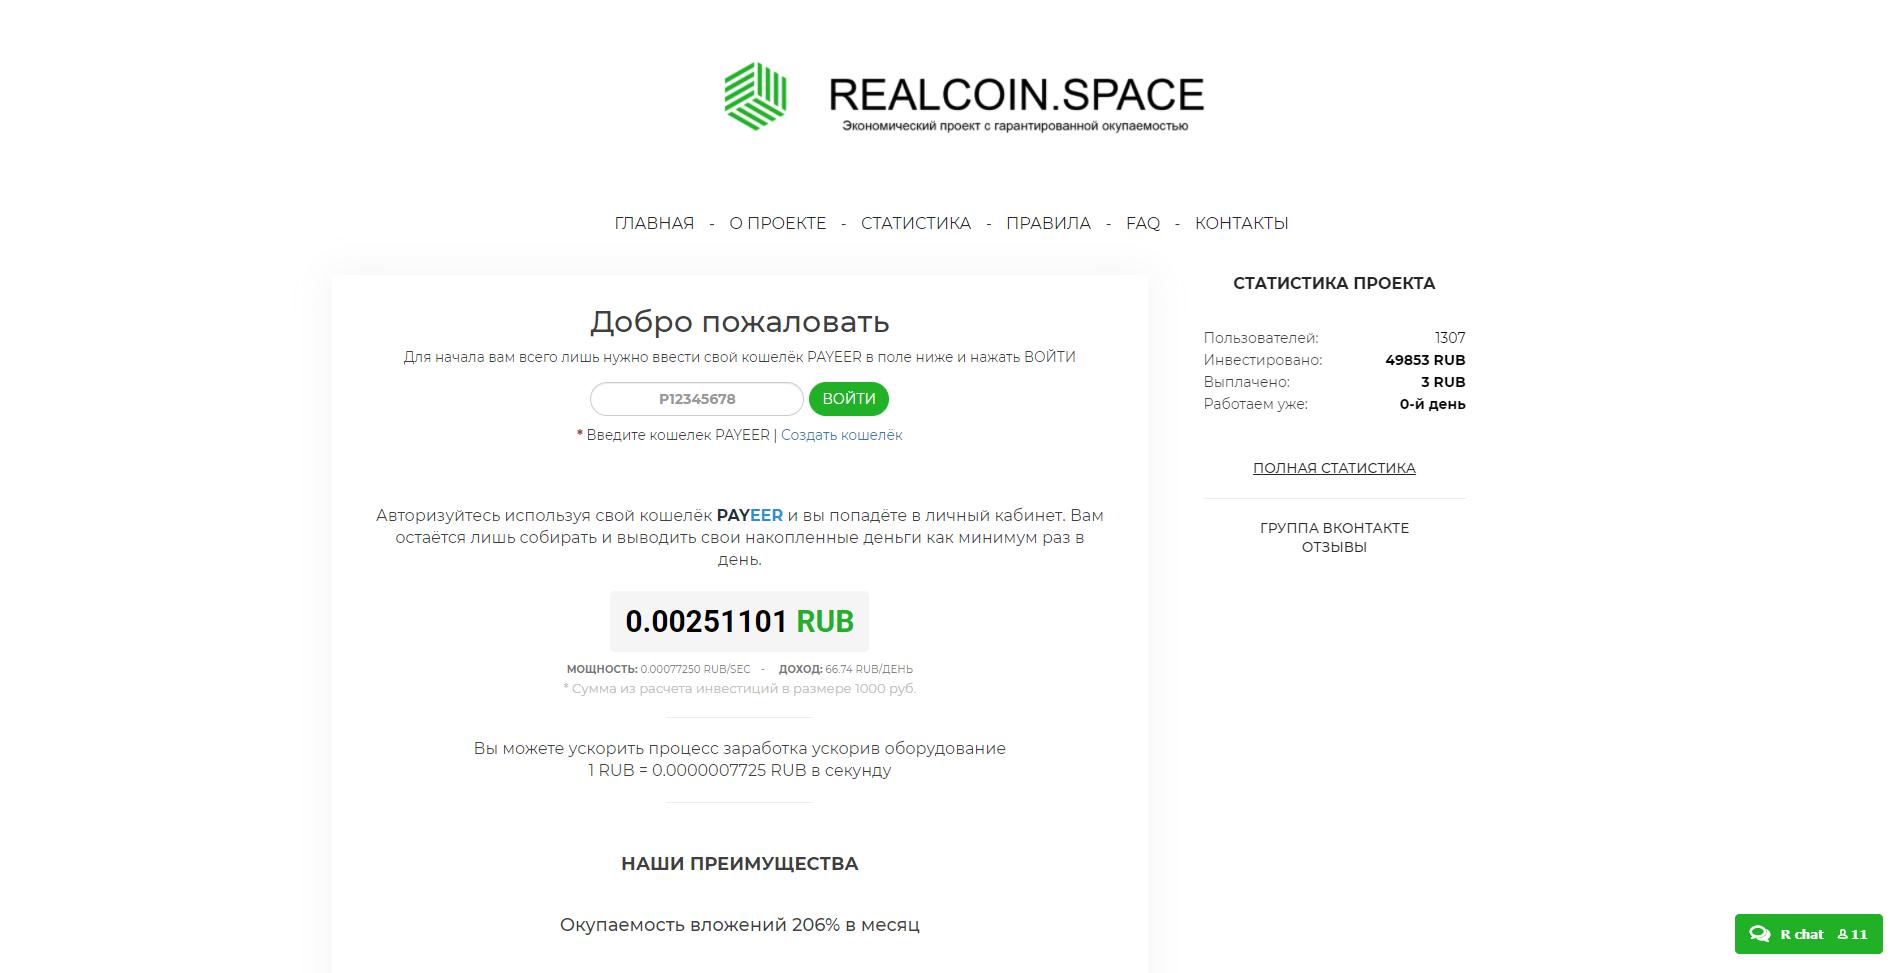 realcoin